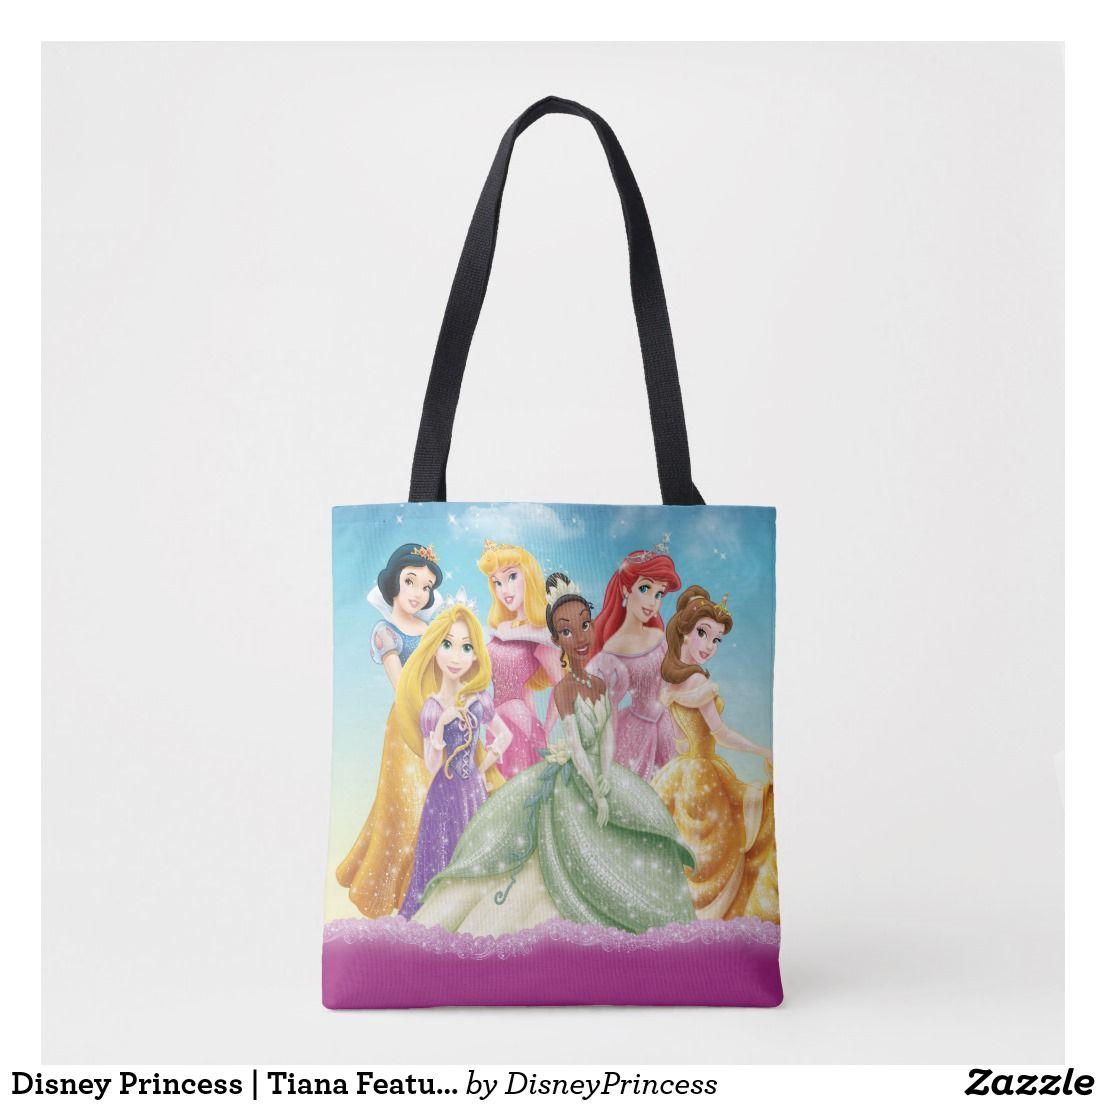 Disney Princess Tiana Featured Center Tote Bag Zazzle Com Disney Princess Tiana Disney Princess Bags Disney Princess Gifts